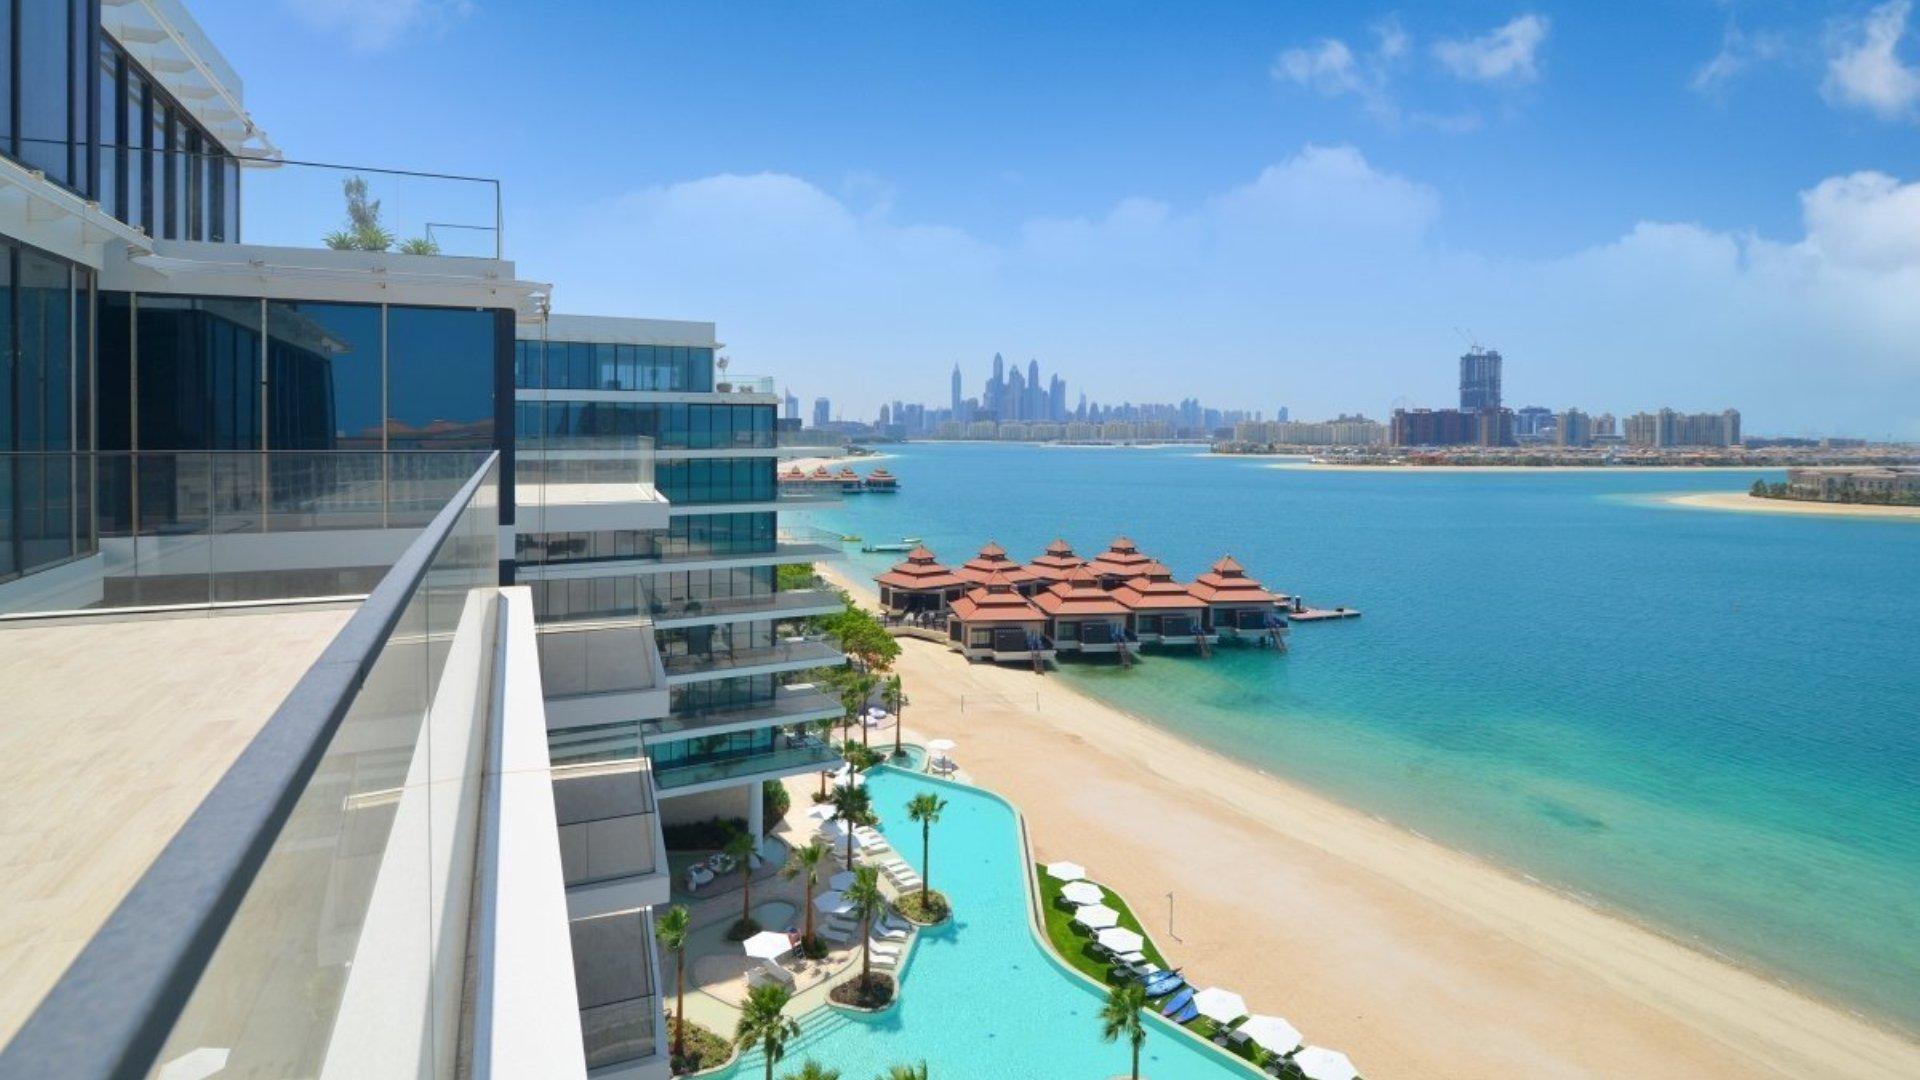 Ático en venta en Dubai, EAU, 4 dormitorios, 513 m2, № 24384 – foto 3